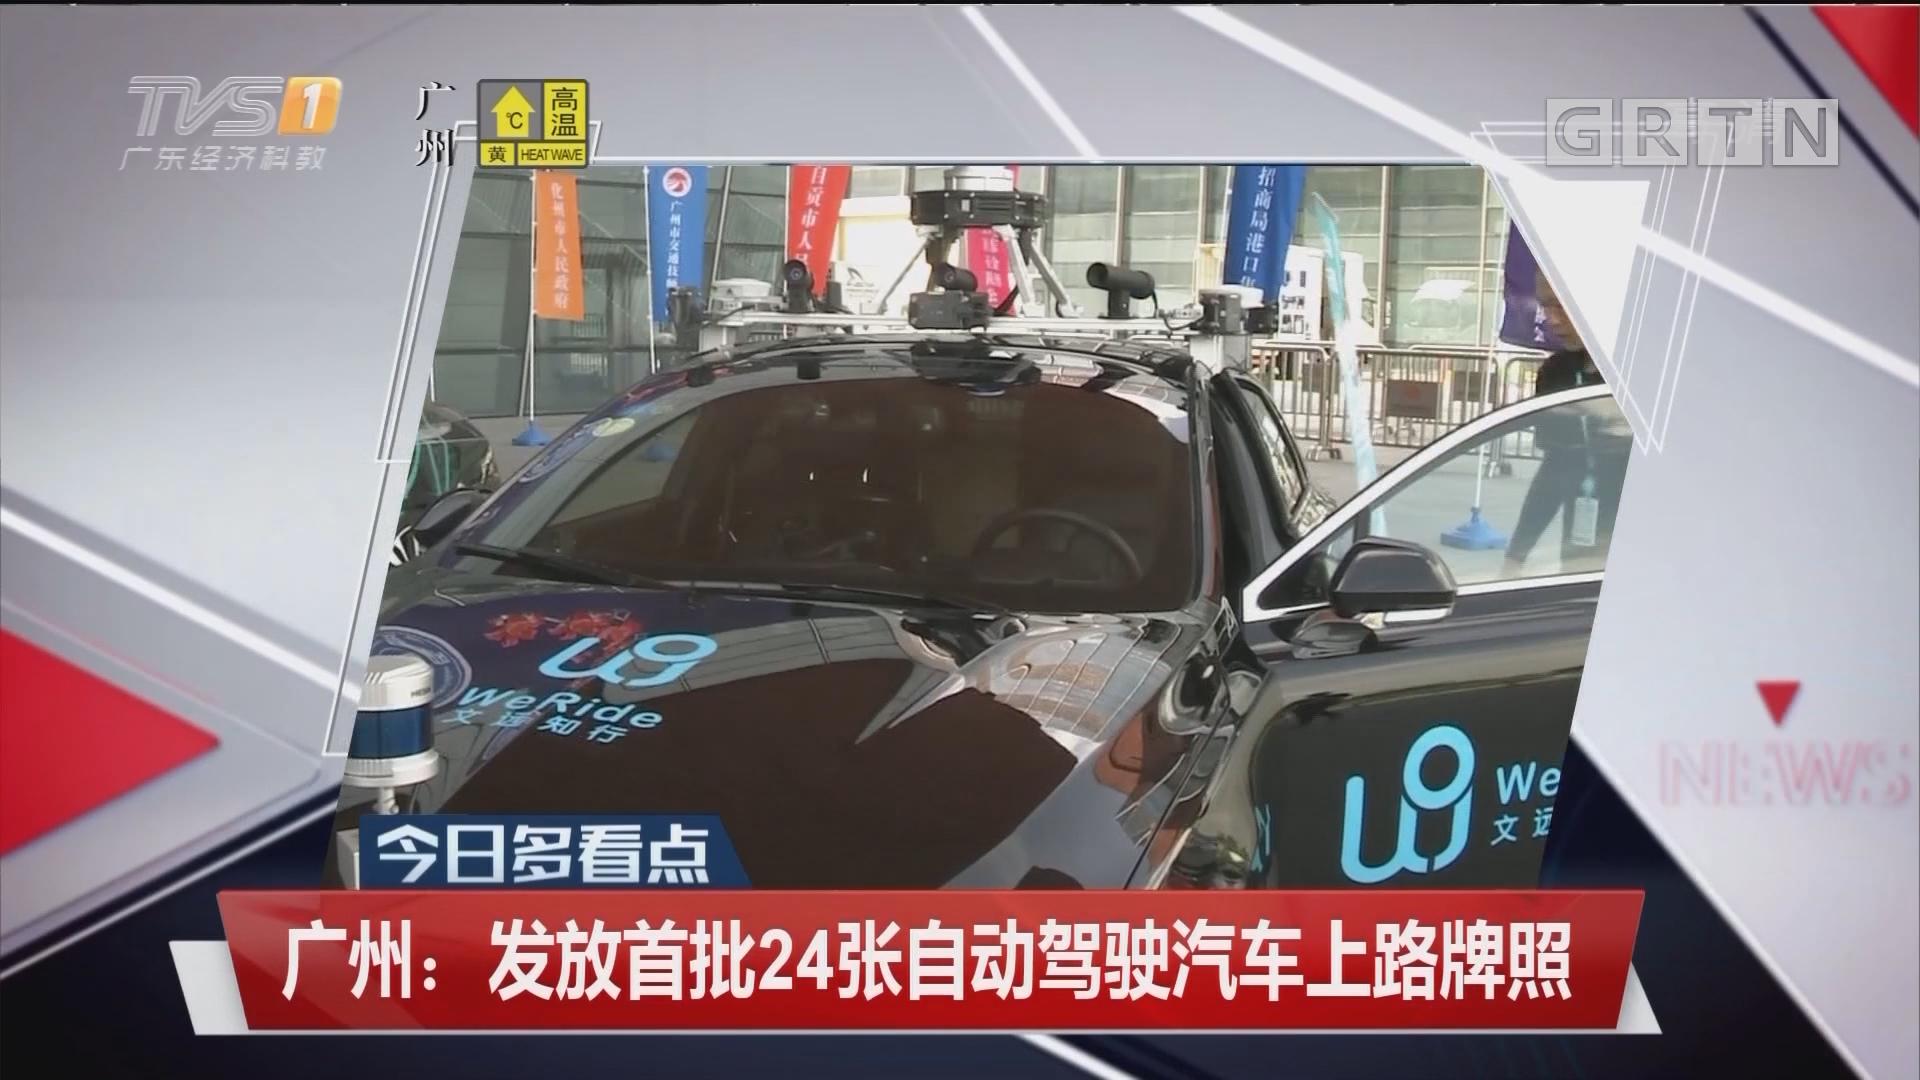 广州:发放首批24张自动驾驶汽车上路牌照